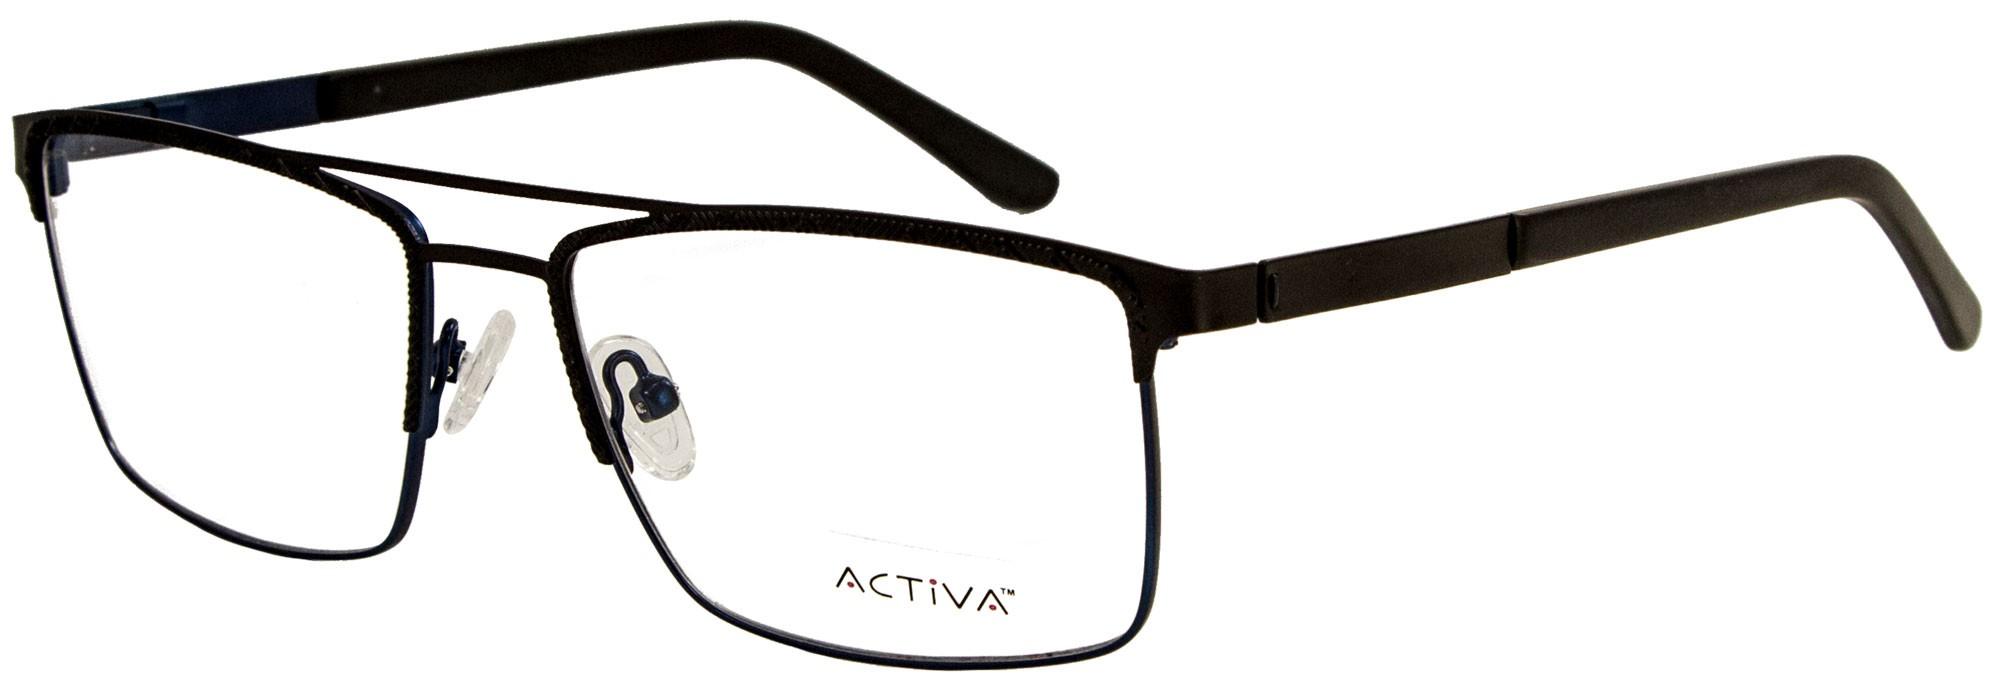 Activa 9544 C1 2